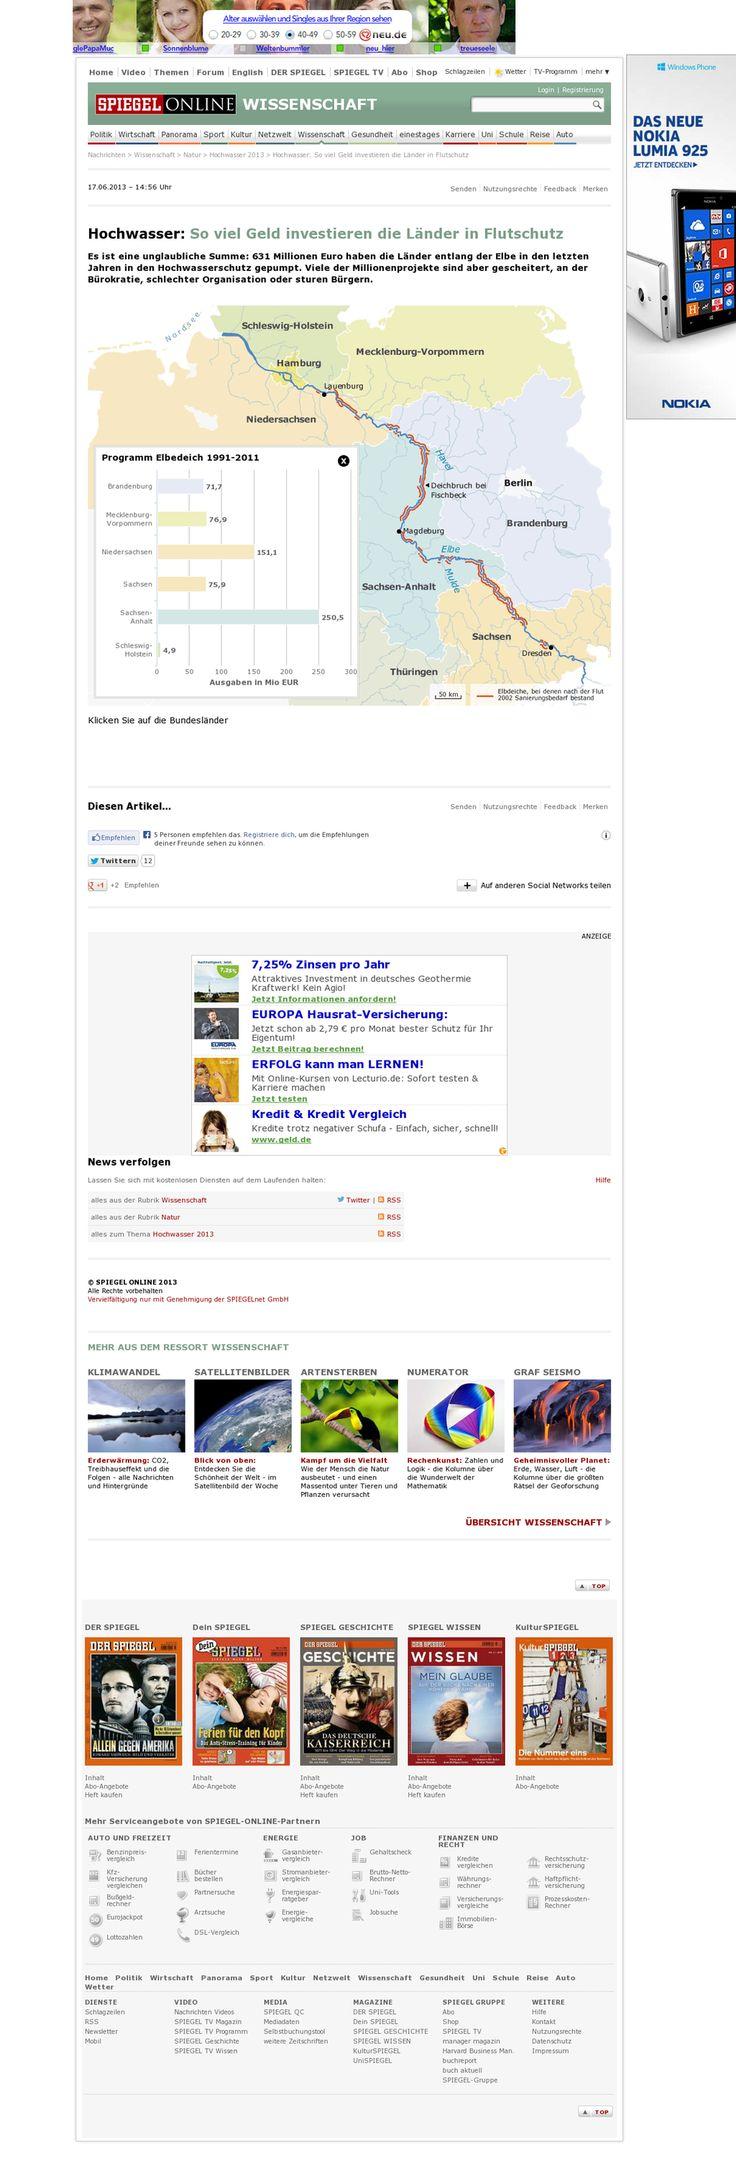 http://www.spiegel.de/wissenschaft/natur/hochwasser-so-viel-geld-investieren-die-laender-in-flutschutz-a-905989.html